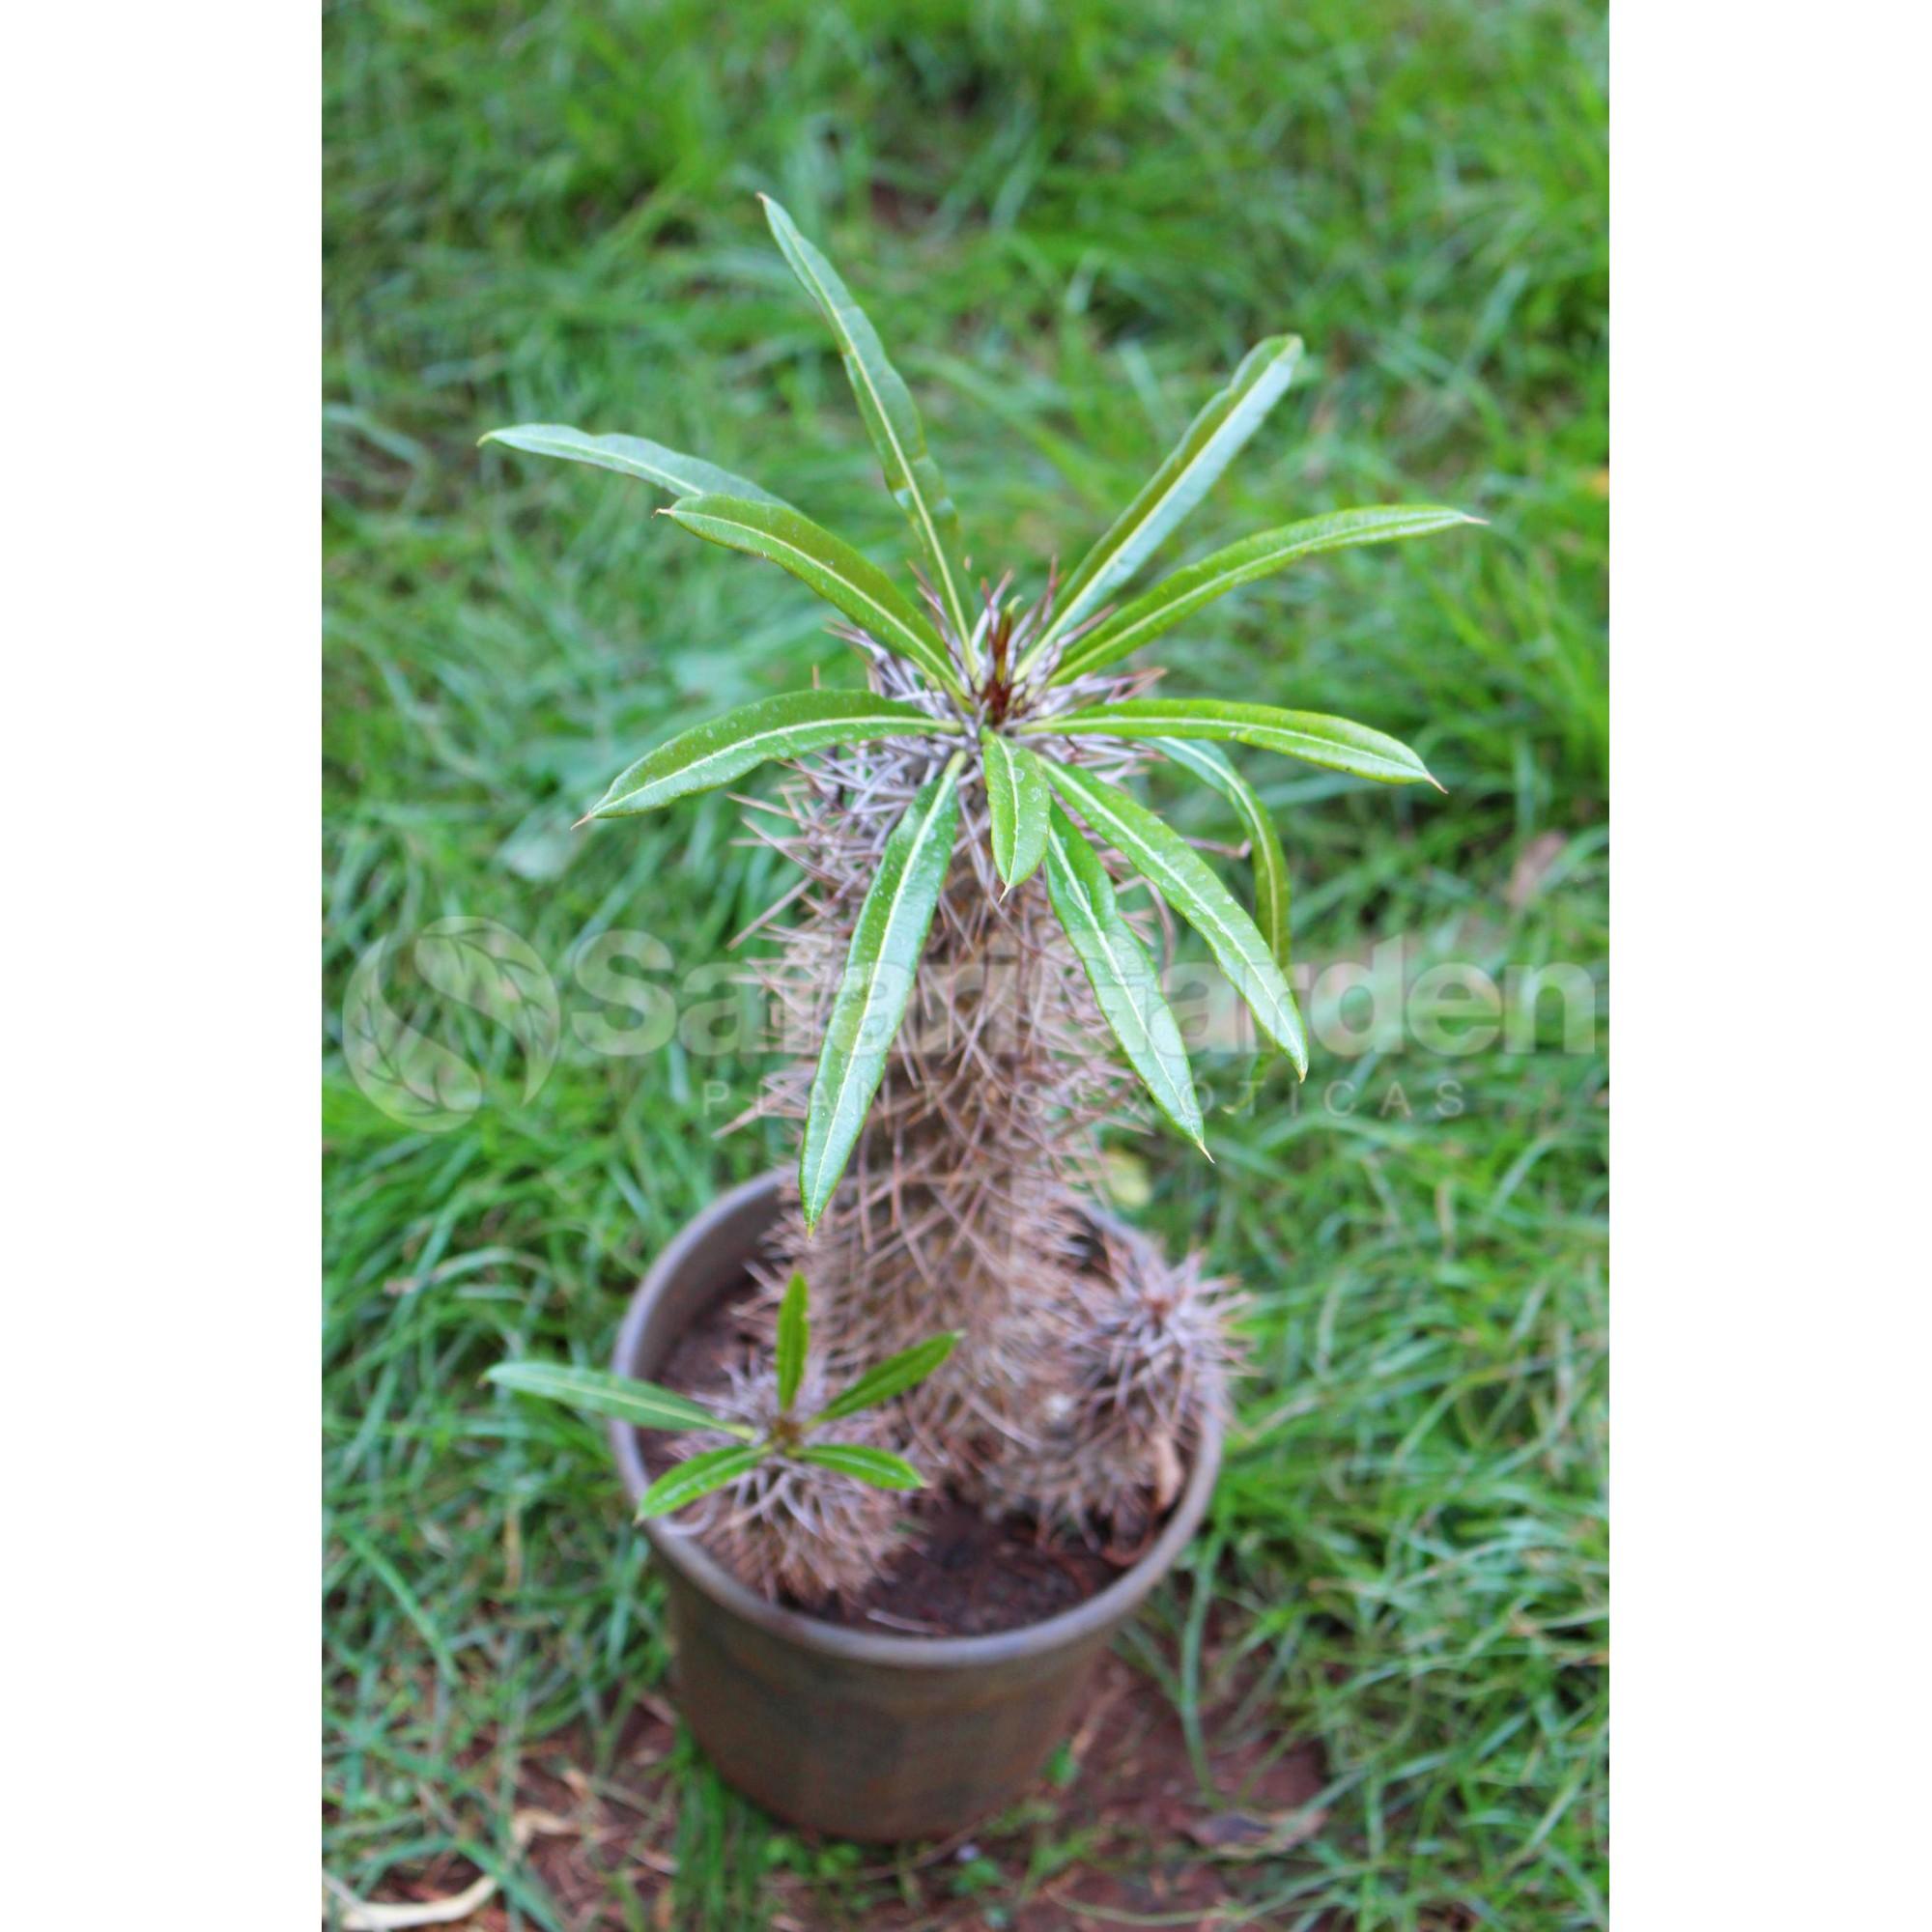 Muda de Palmeira de Madagascar ou Pachypodium lamerei